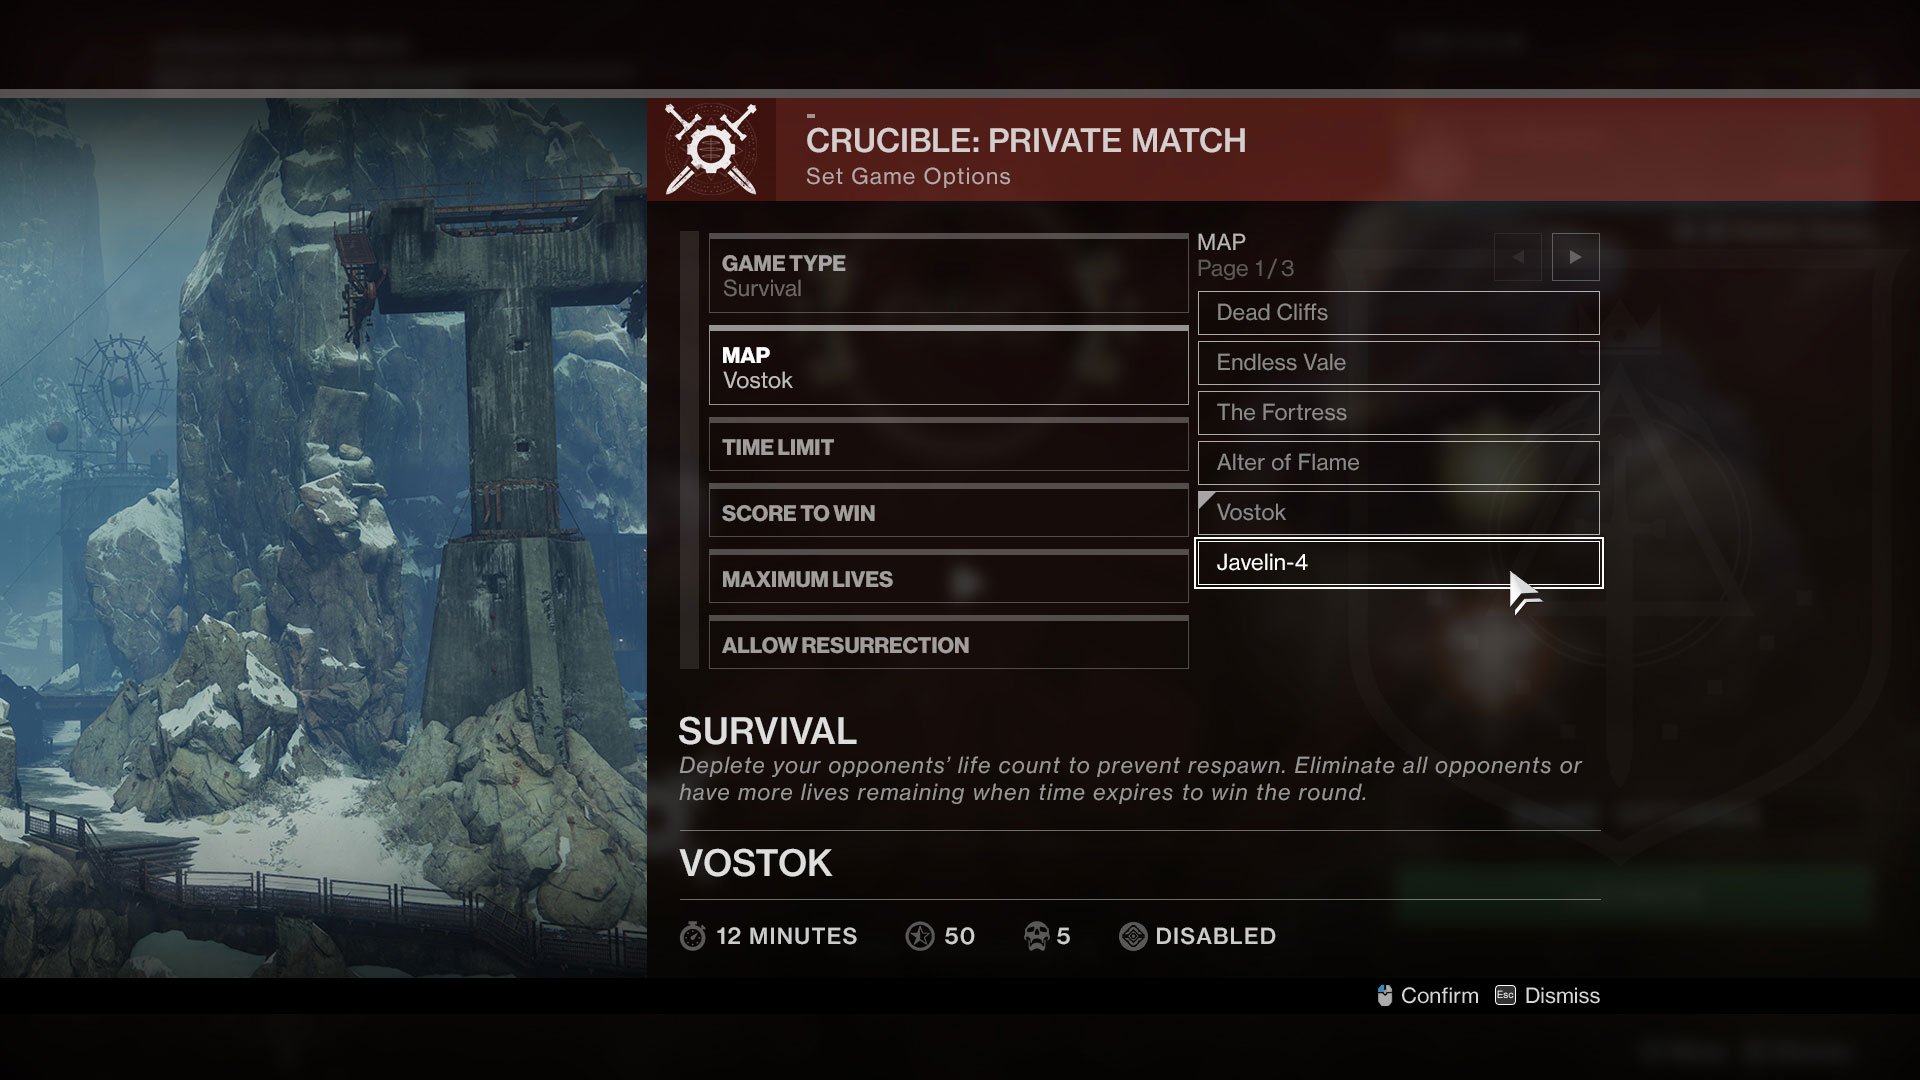 Destiny 2: Partite private